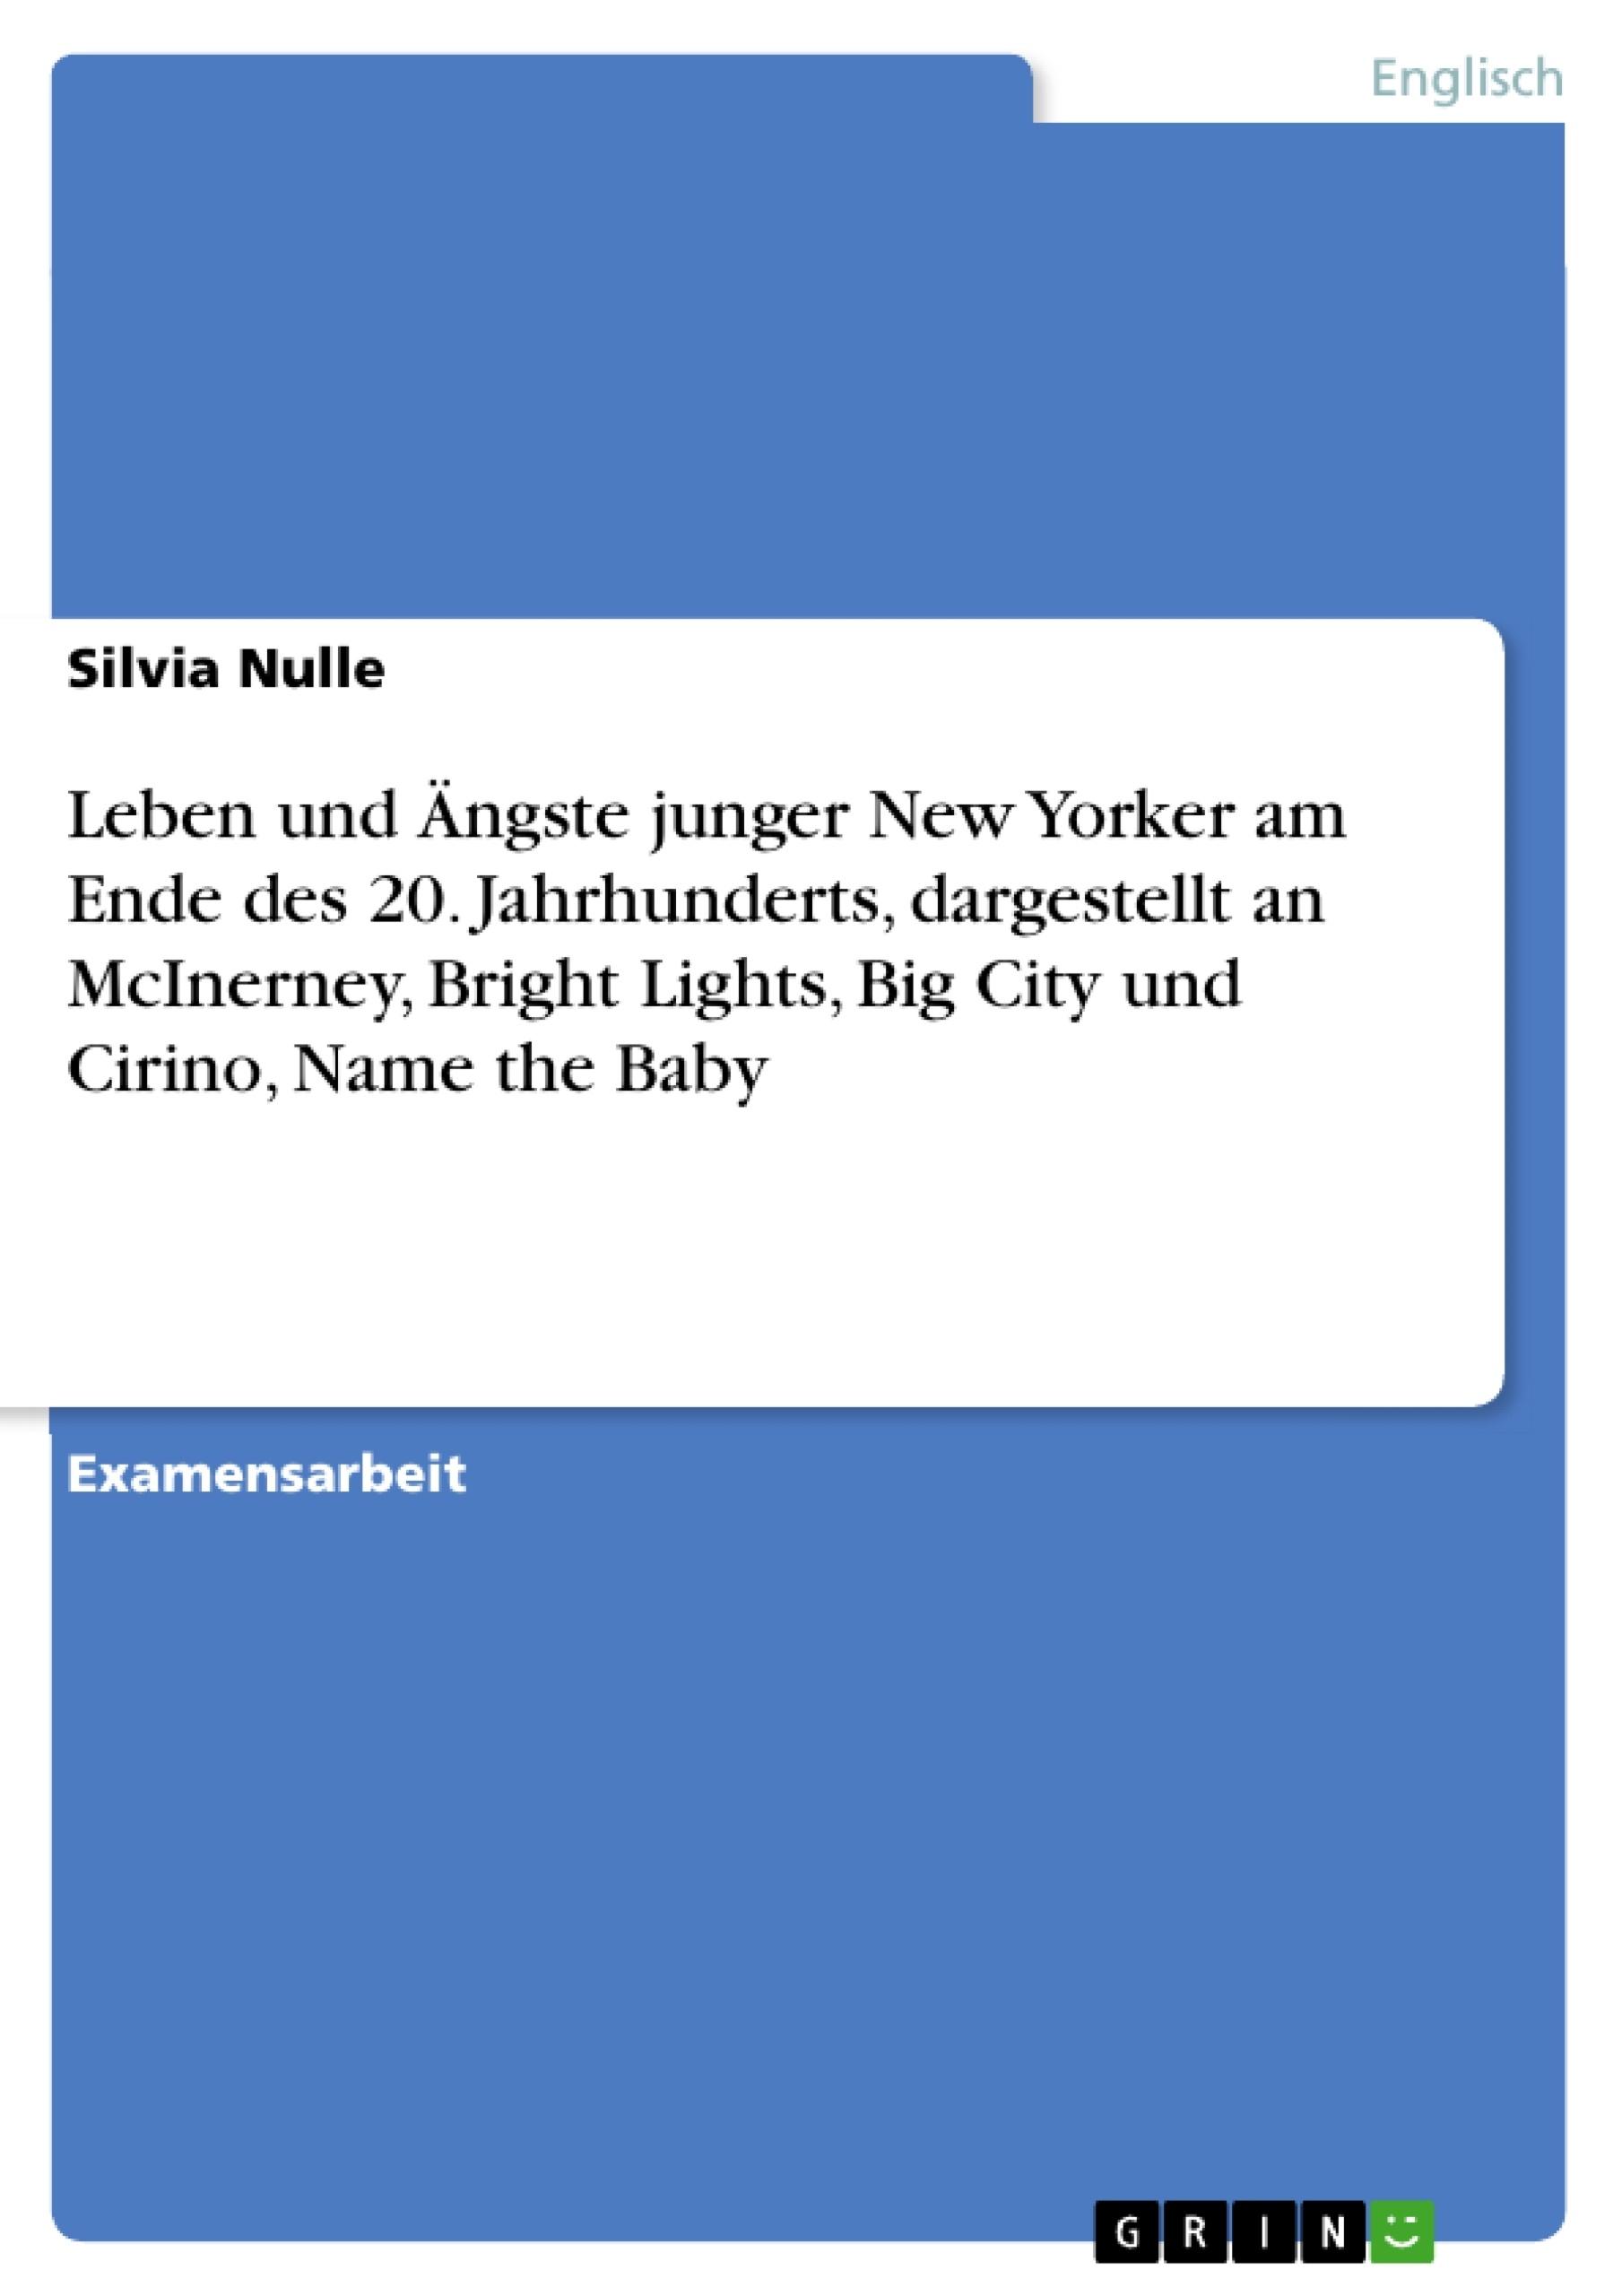 Titel: Leben und Ängste junger New Yorker am Ende des 20. Jahrhunderts, dargestellt an McInerney, Bright Lights, Big City und Cirino, Name the Baby